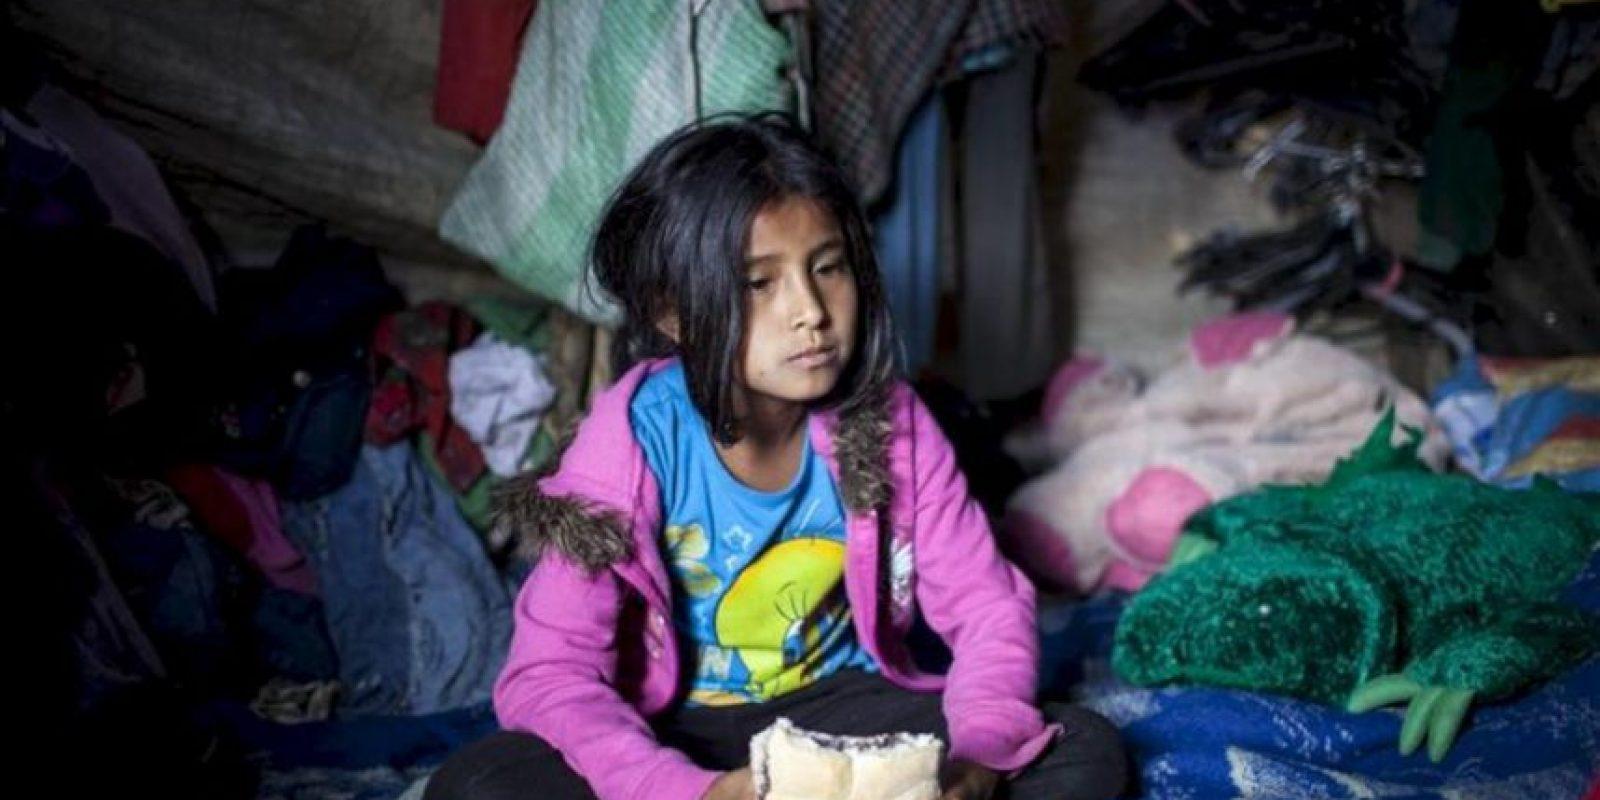 Una niña come un pan con frijoles dentro de su vivienda en un asentamiento de la periferia de Ciudad de Guatemala. Guatemala es uno de los países de América Latina más afectado por el hambre, según la Organización de las Naciones Unidas para la Agricultura y la Alimentación (FAO). EFE